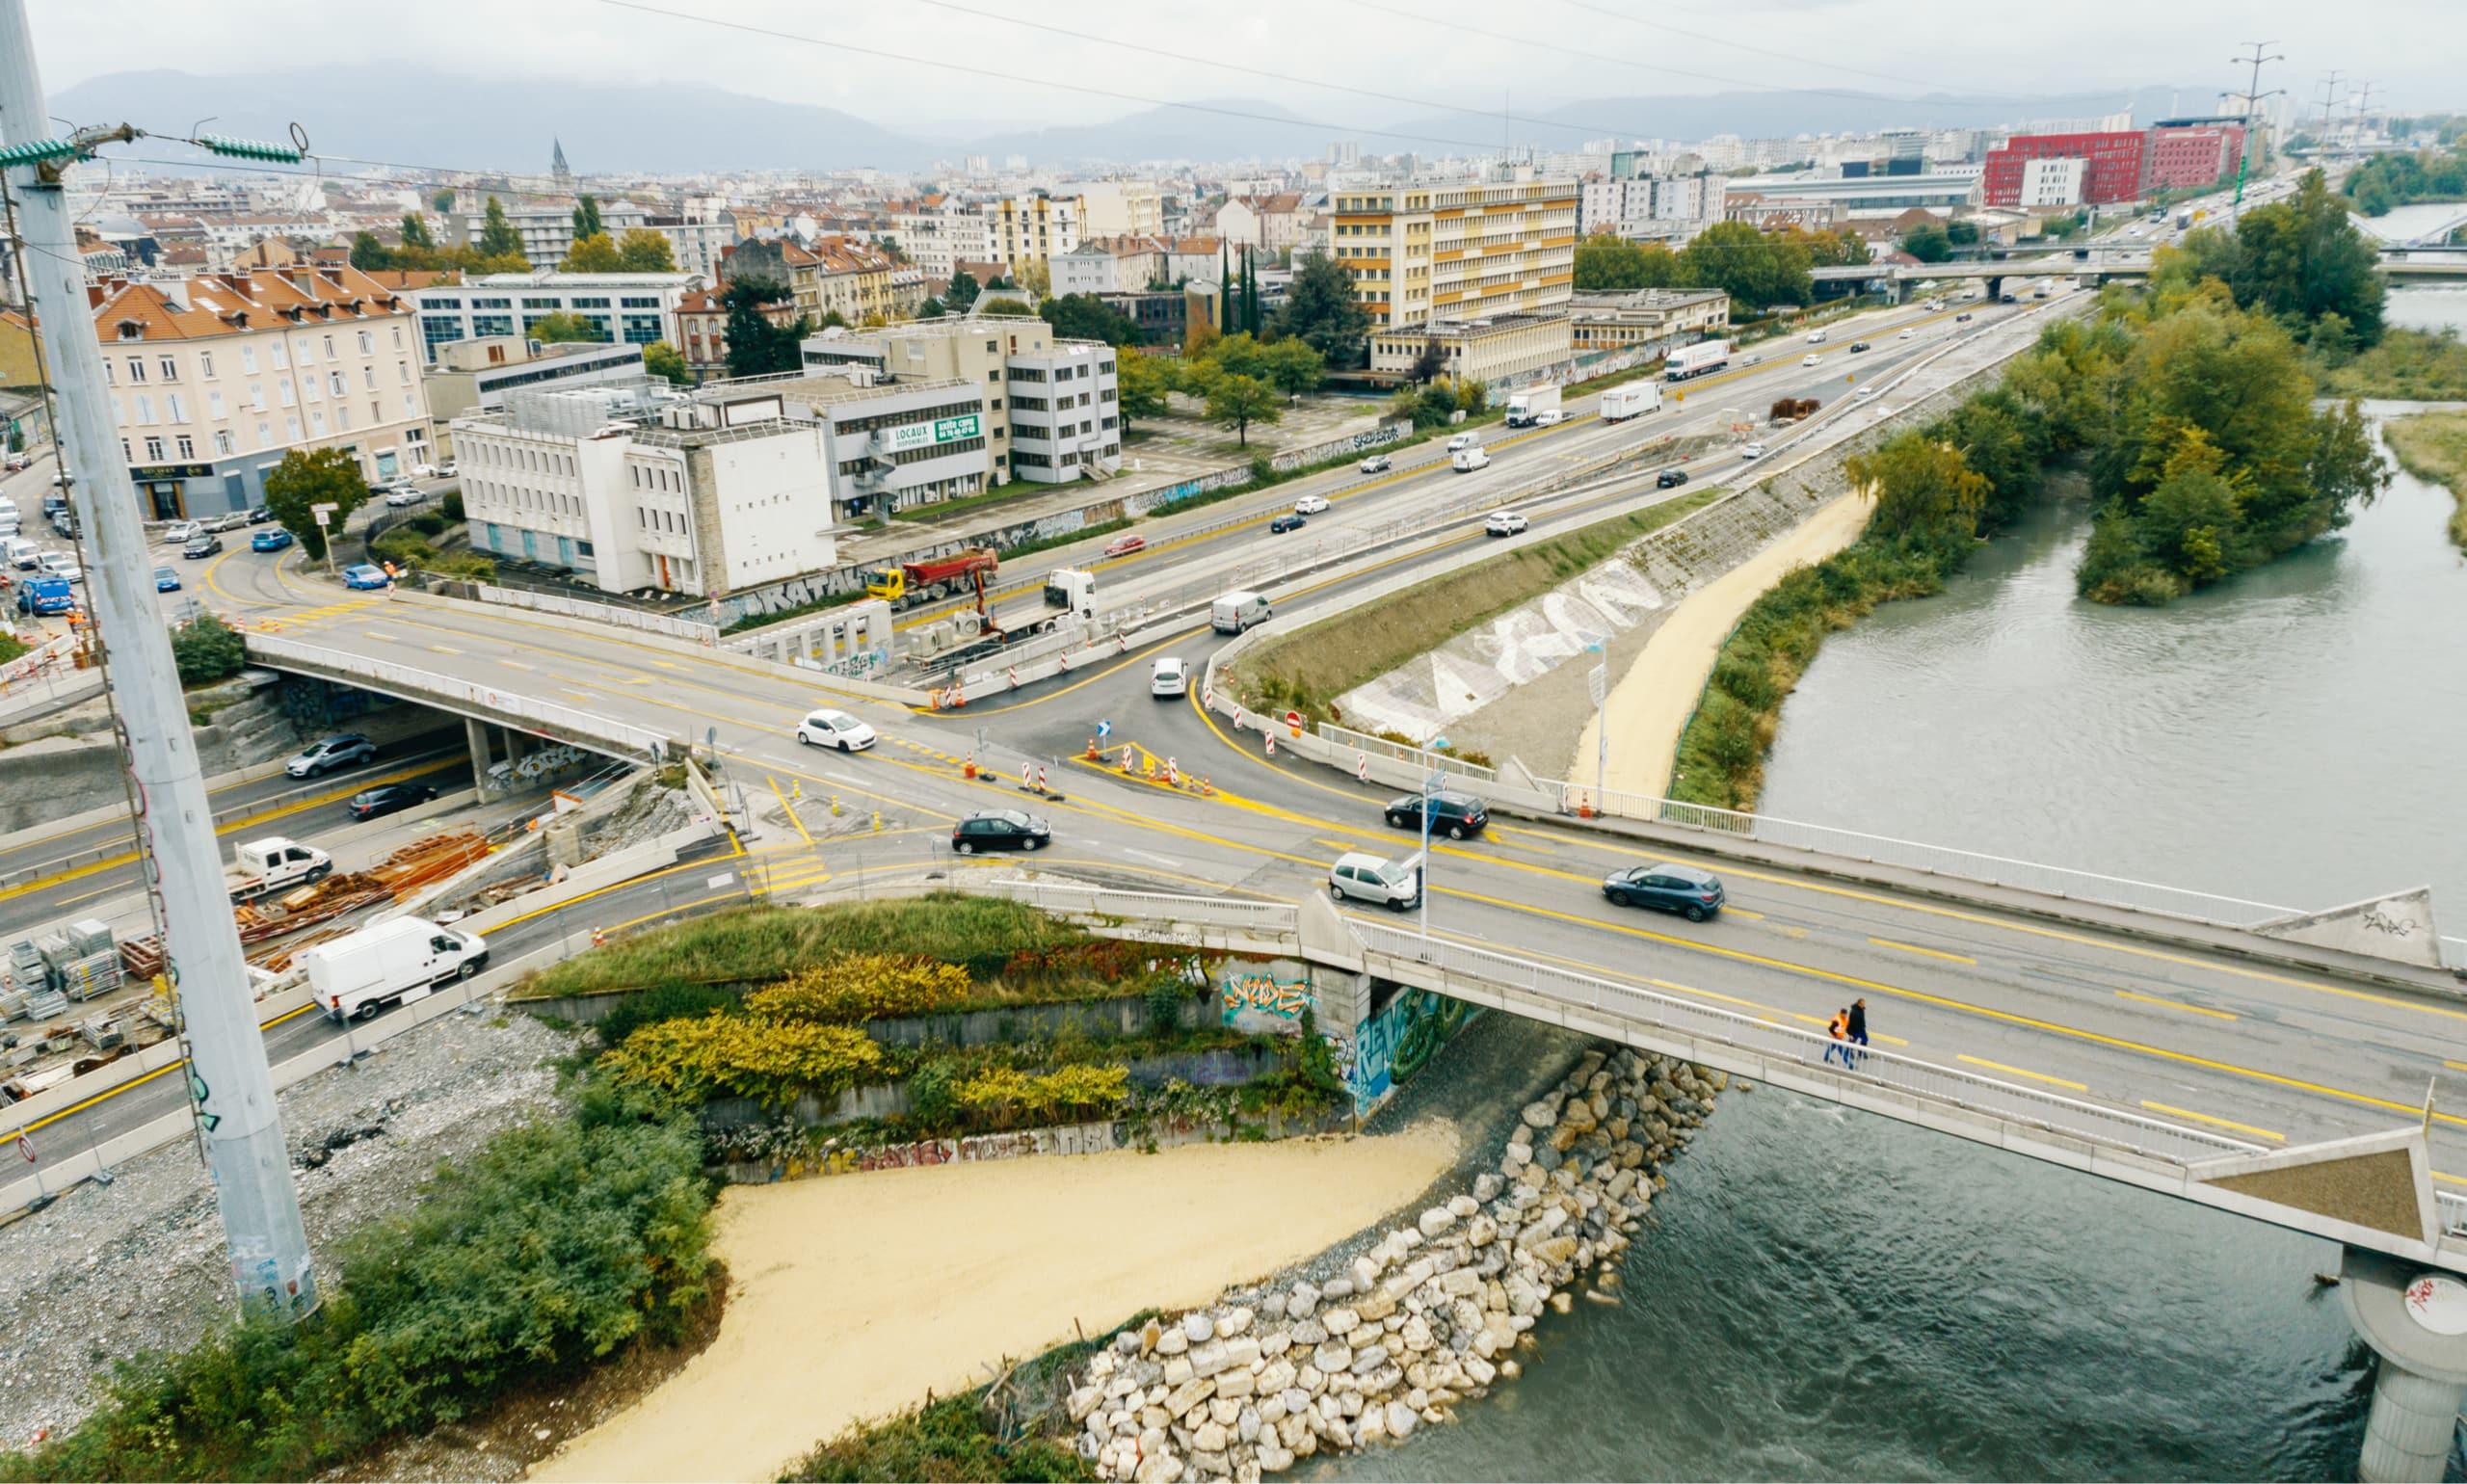 Vue de l'autoroute urbaine A480 sur Grenoble